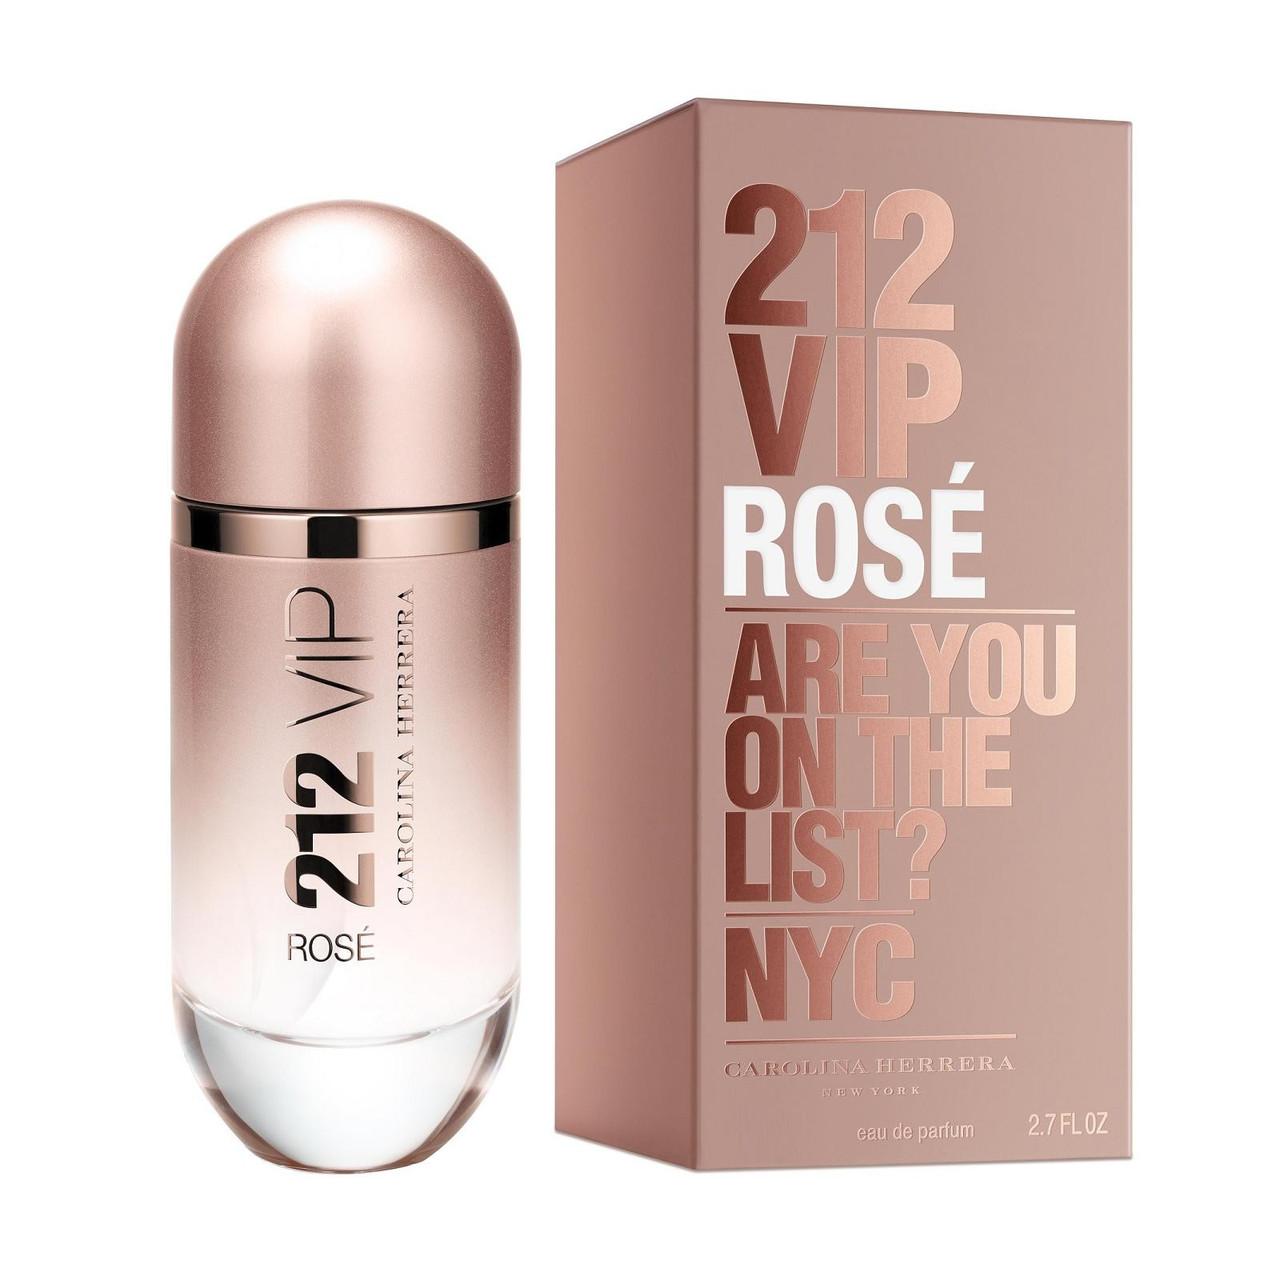 Жіноча парфумована вода Carolina Herrera 212 Vip Rose (Кароліна Херера 212 Віп Роуз) 80 мл